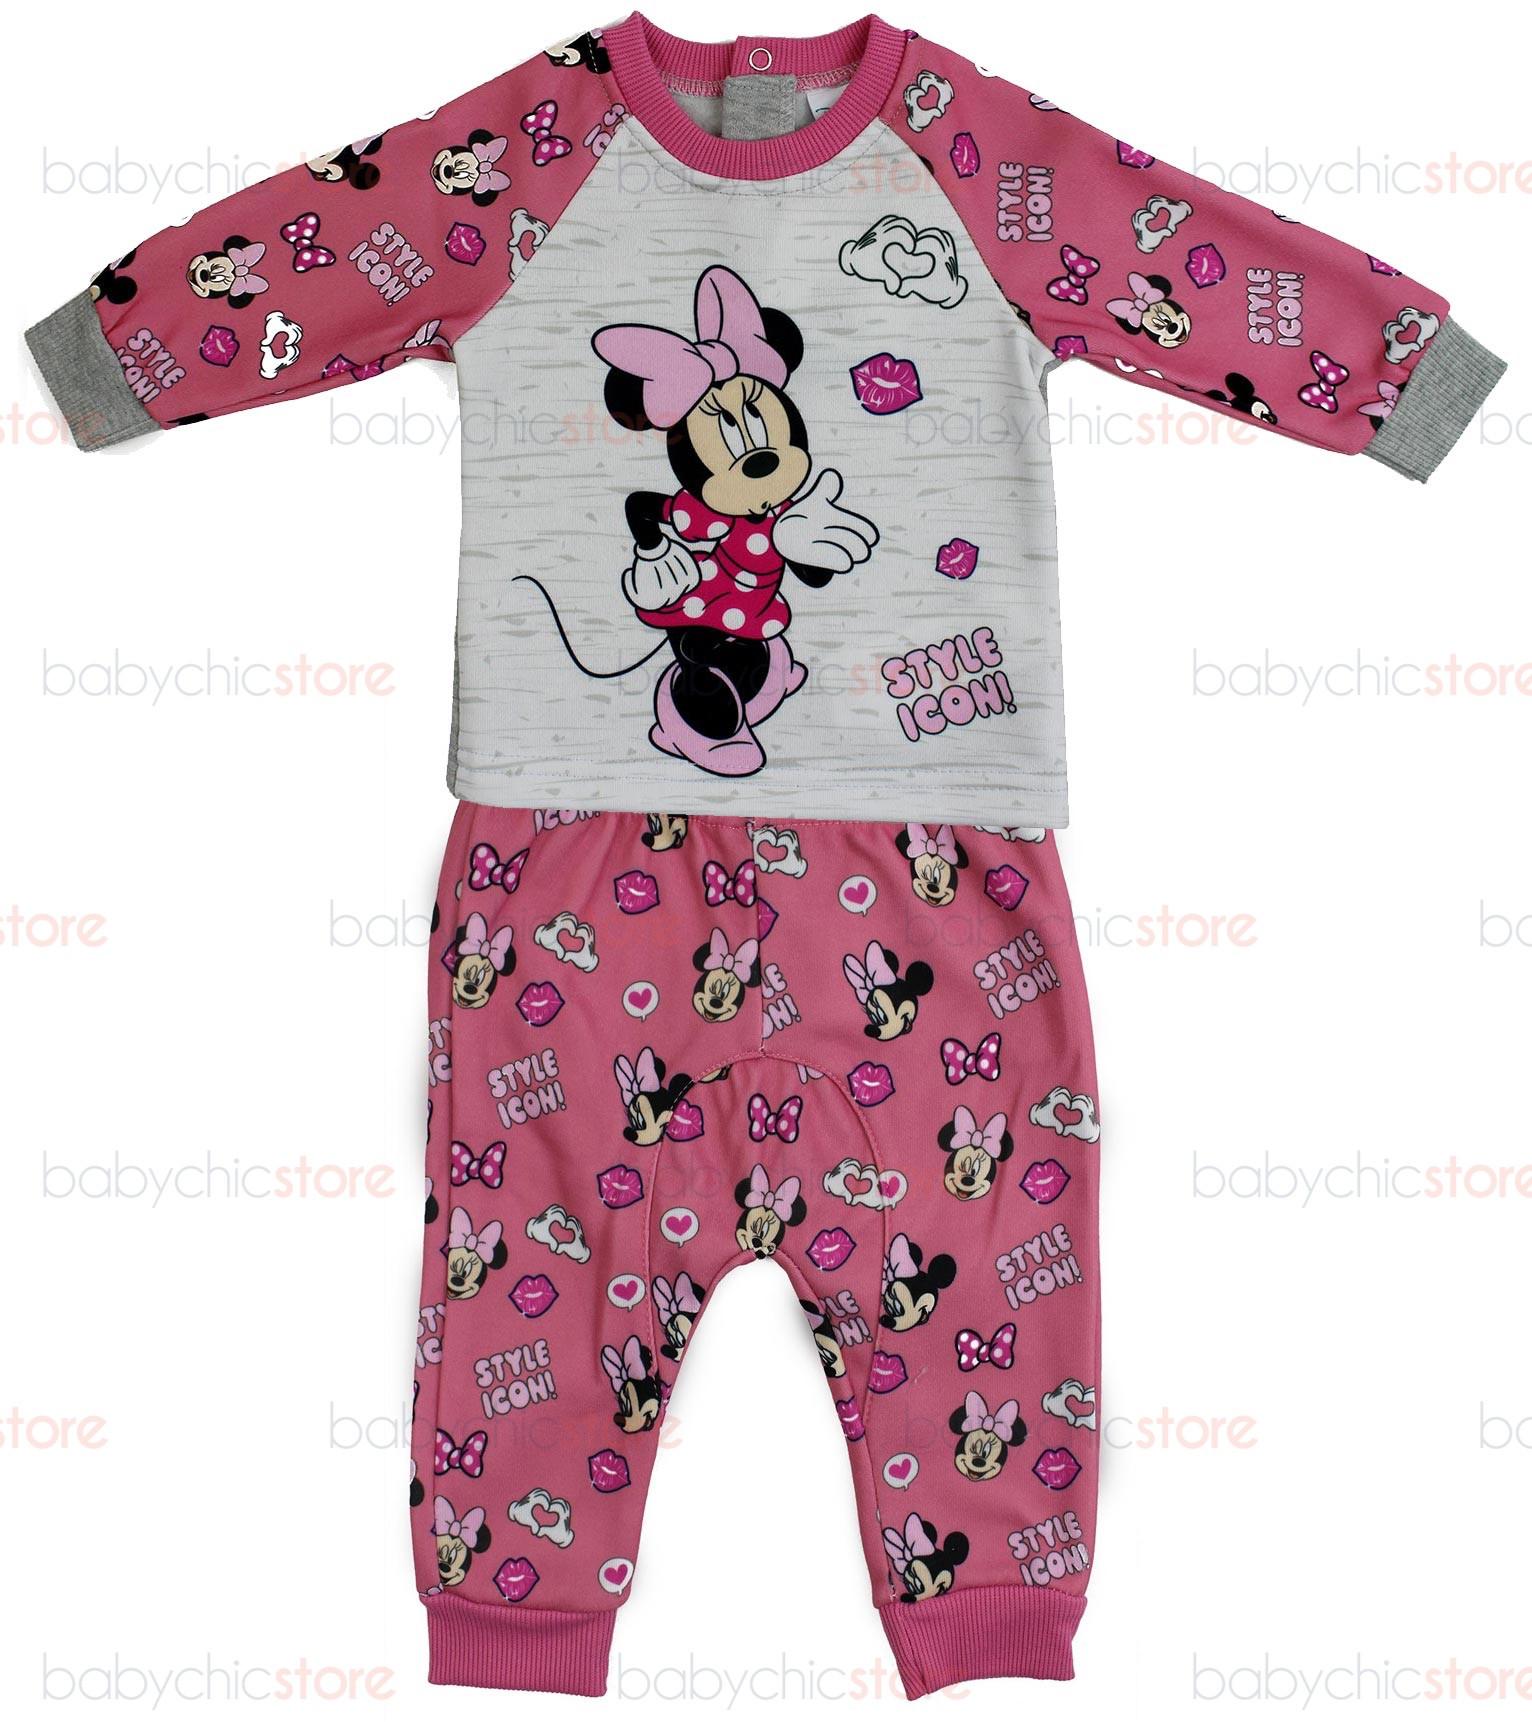 Tuta Neonato Disney Minnie Rosa/Grigio - 23 Mesi